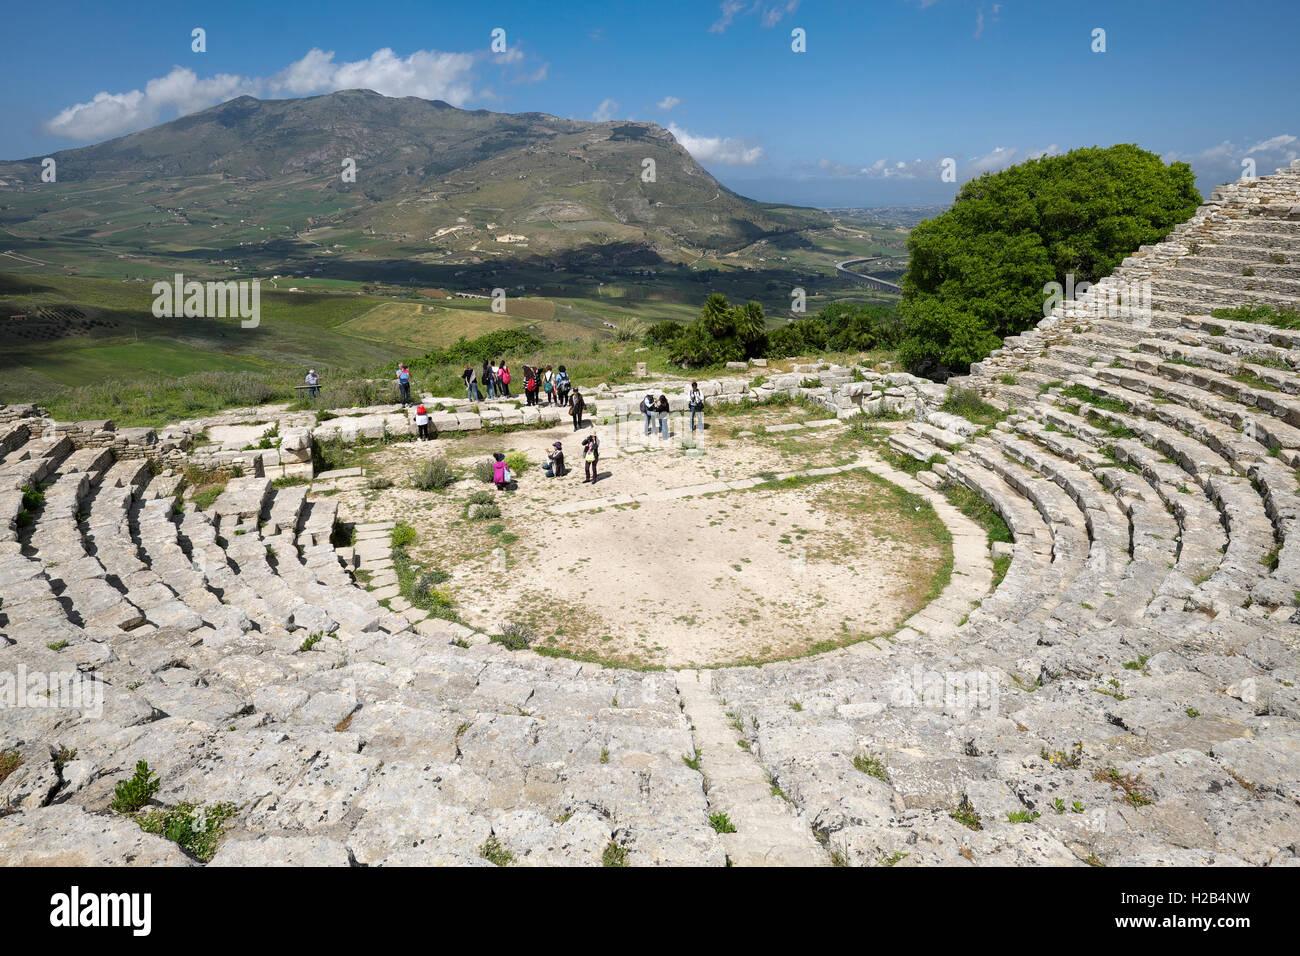 El Anfiteatro, el teatro antiguo de Segesta, provincia de Trapani, Sicilia, Italia Imagen De Stock